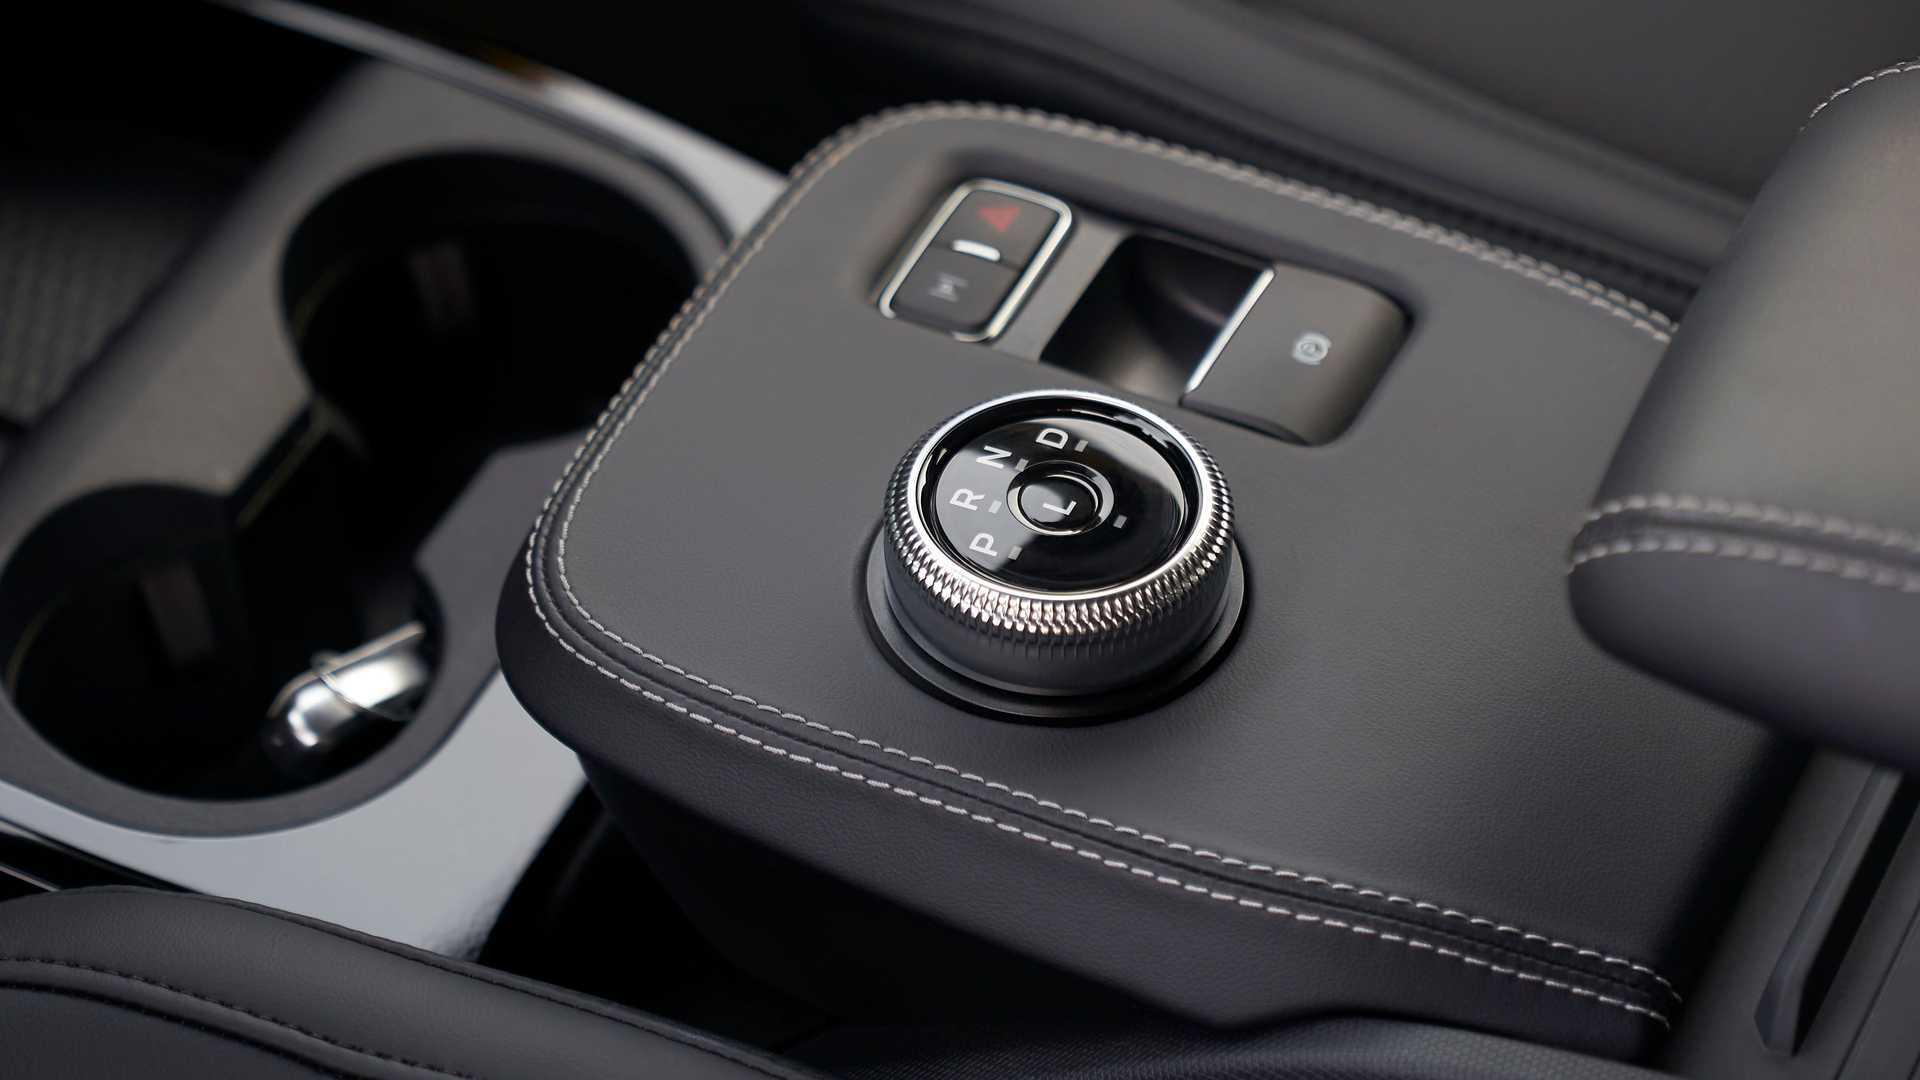 Chỉ dành cho những người mua xe điện Mach-E hoài cổ, Ford đã tạo ra một loại nước hoa có mùi xăng - 3